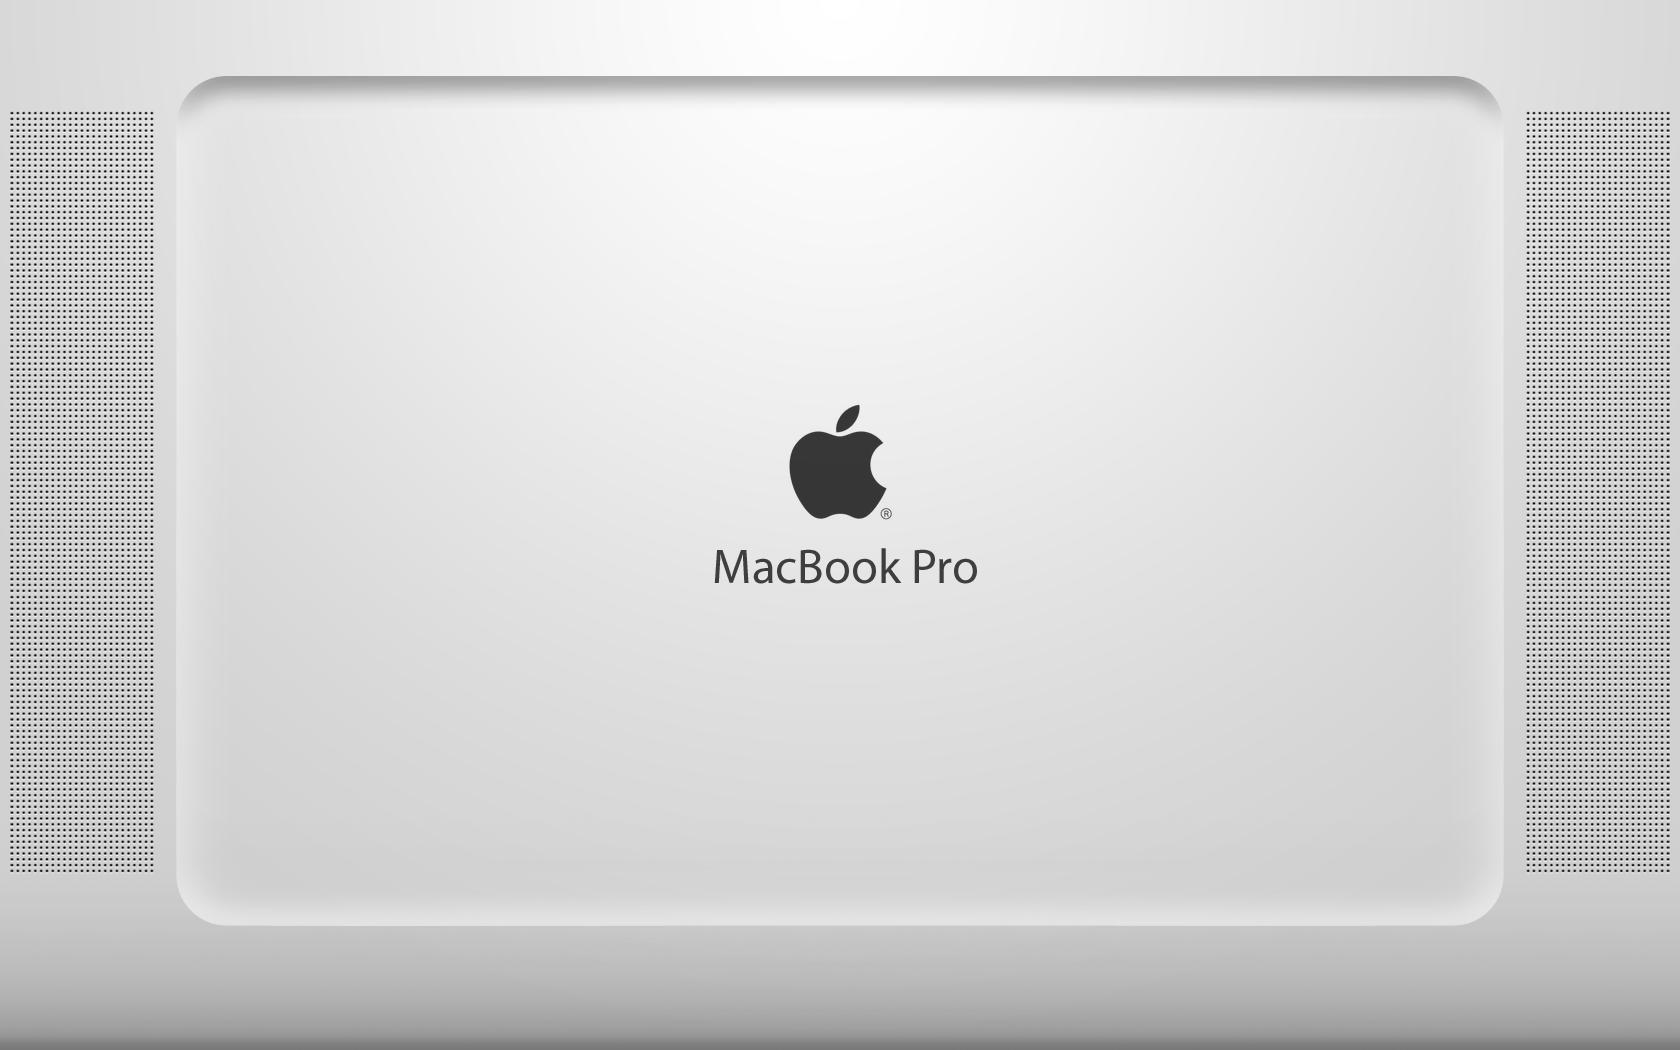 Wallpapers Macbook Pro Retina Group × Wallpapers Macbook